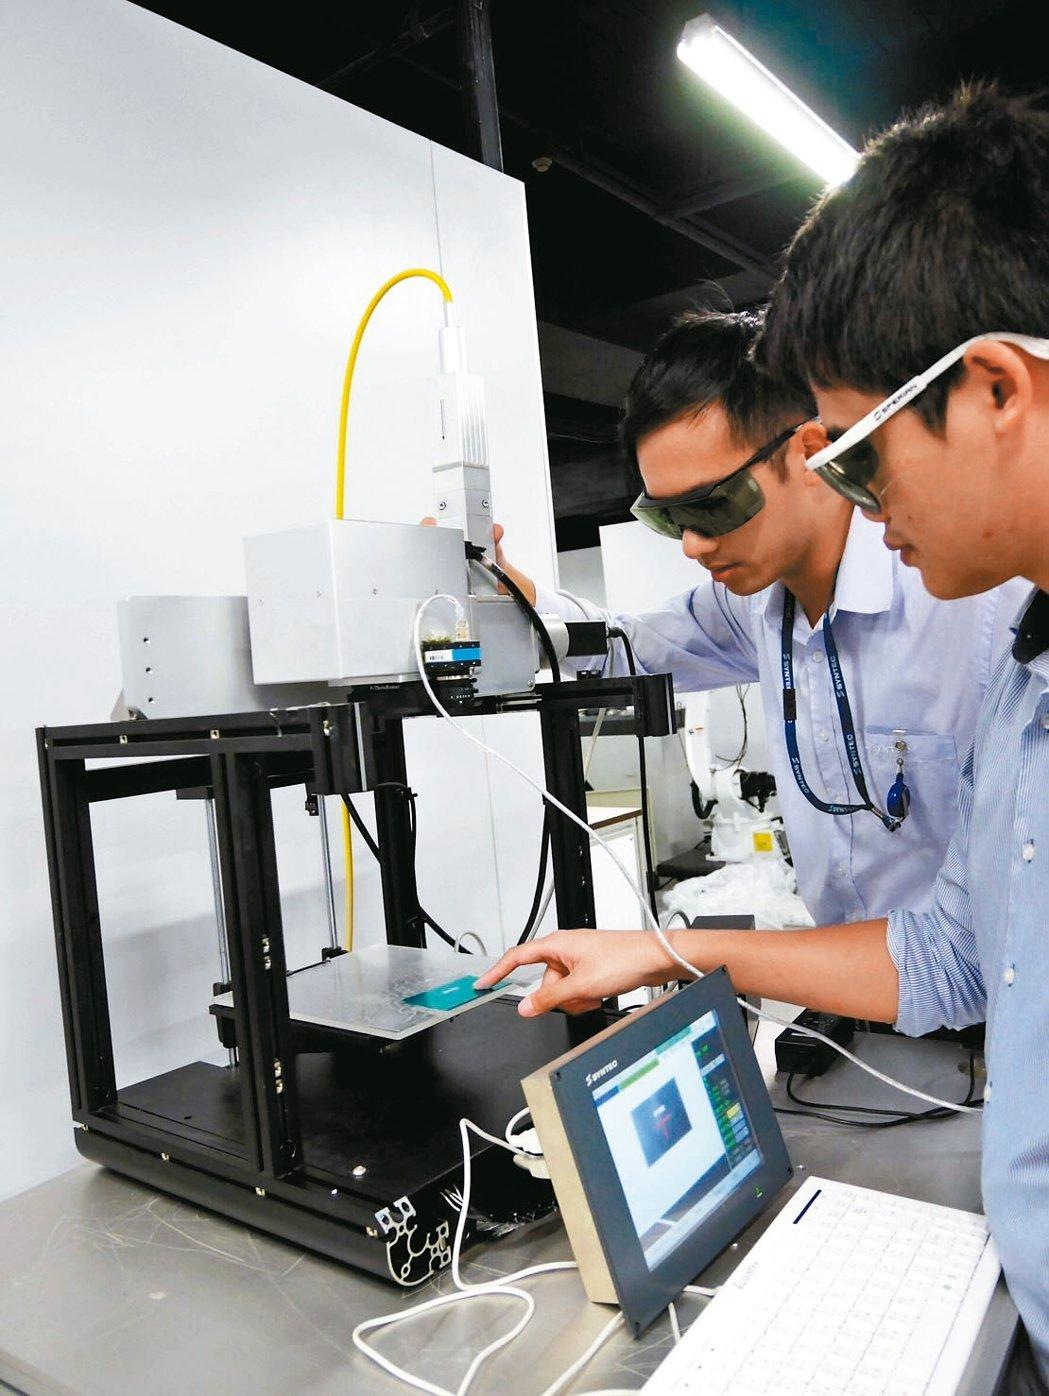 搏盟科技結盟新代科技共同建立MIT雷射加工設備生態圈,搶攻全球雷射市場商機。 搏...